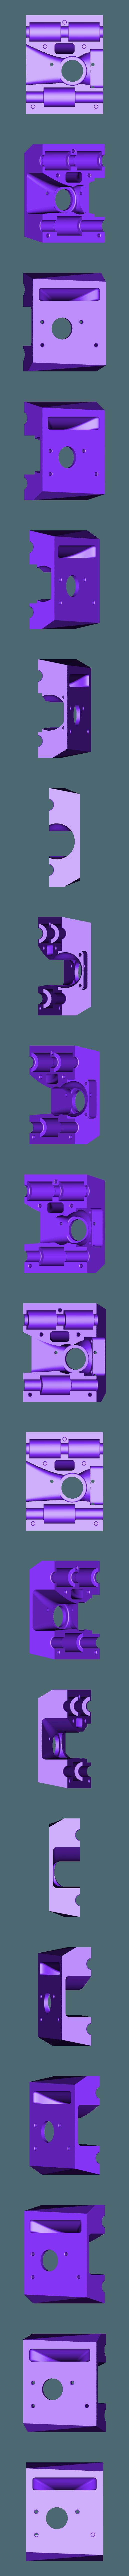 E3D_Mount_v2-6_MIDDLE.STL Télécharger fichier STL gratuit Monture basse pour grenouille poly (RigidBot E3D v6) • Design pour imprimante 3D, WalterHsiao